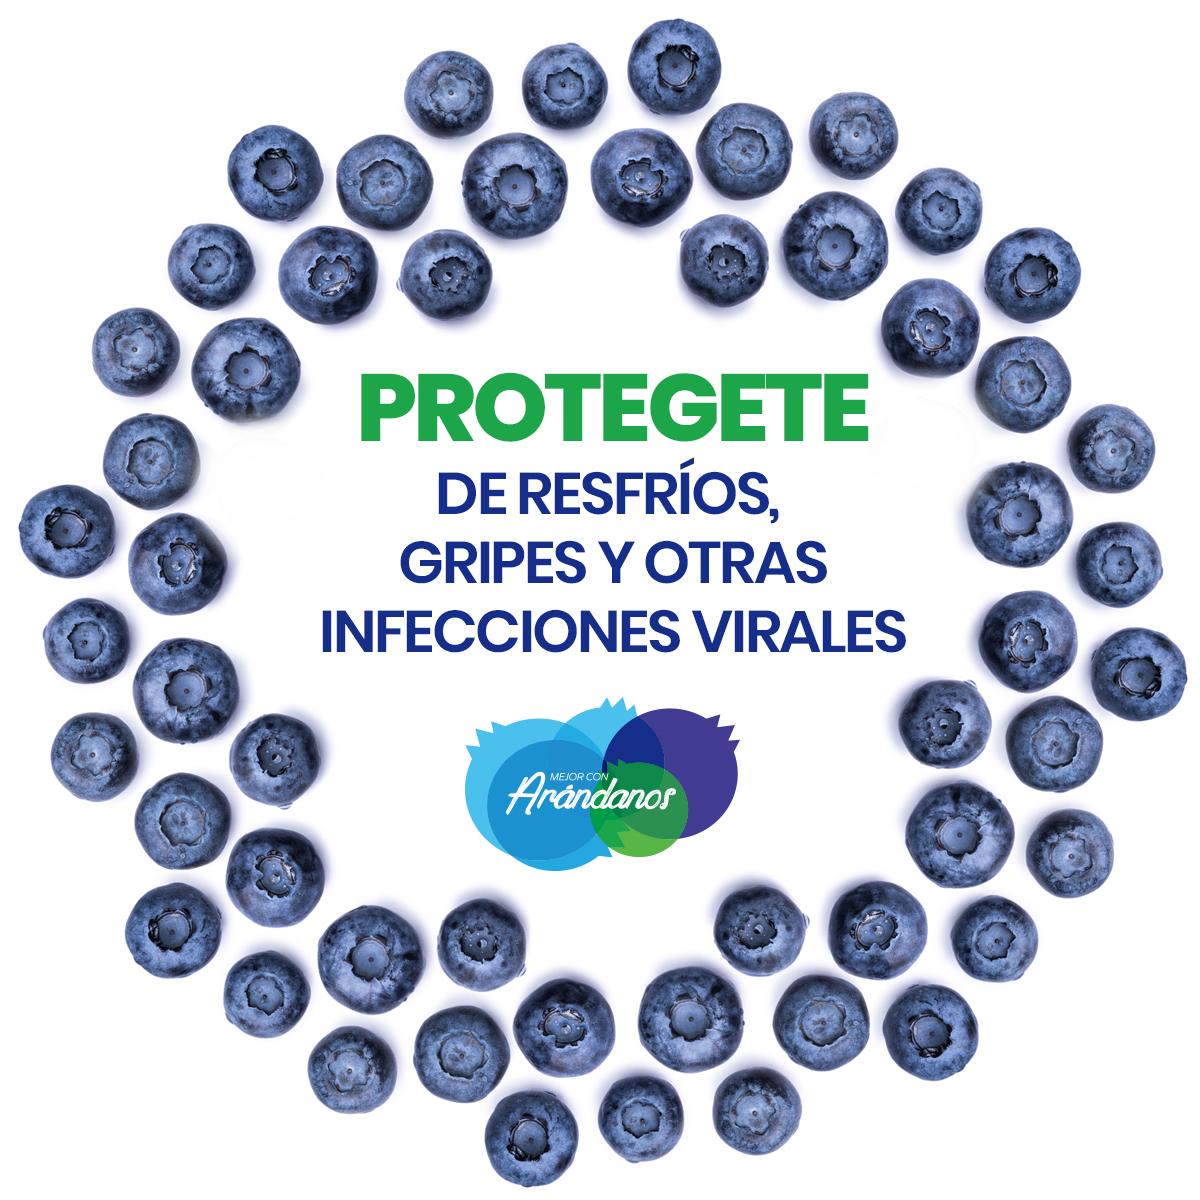 Protegete de resfrios, gripes y otras infecciones